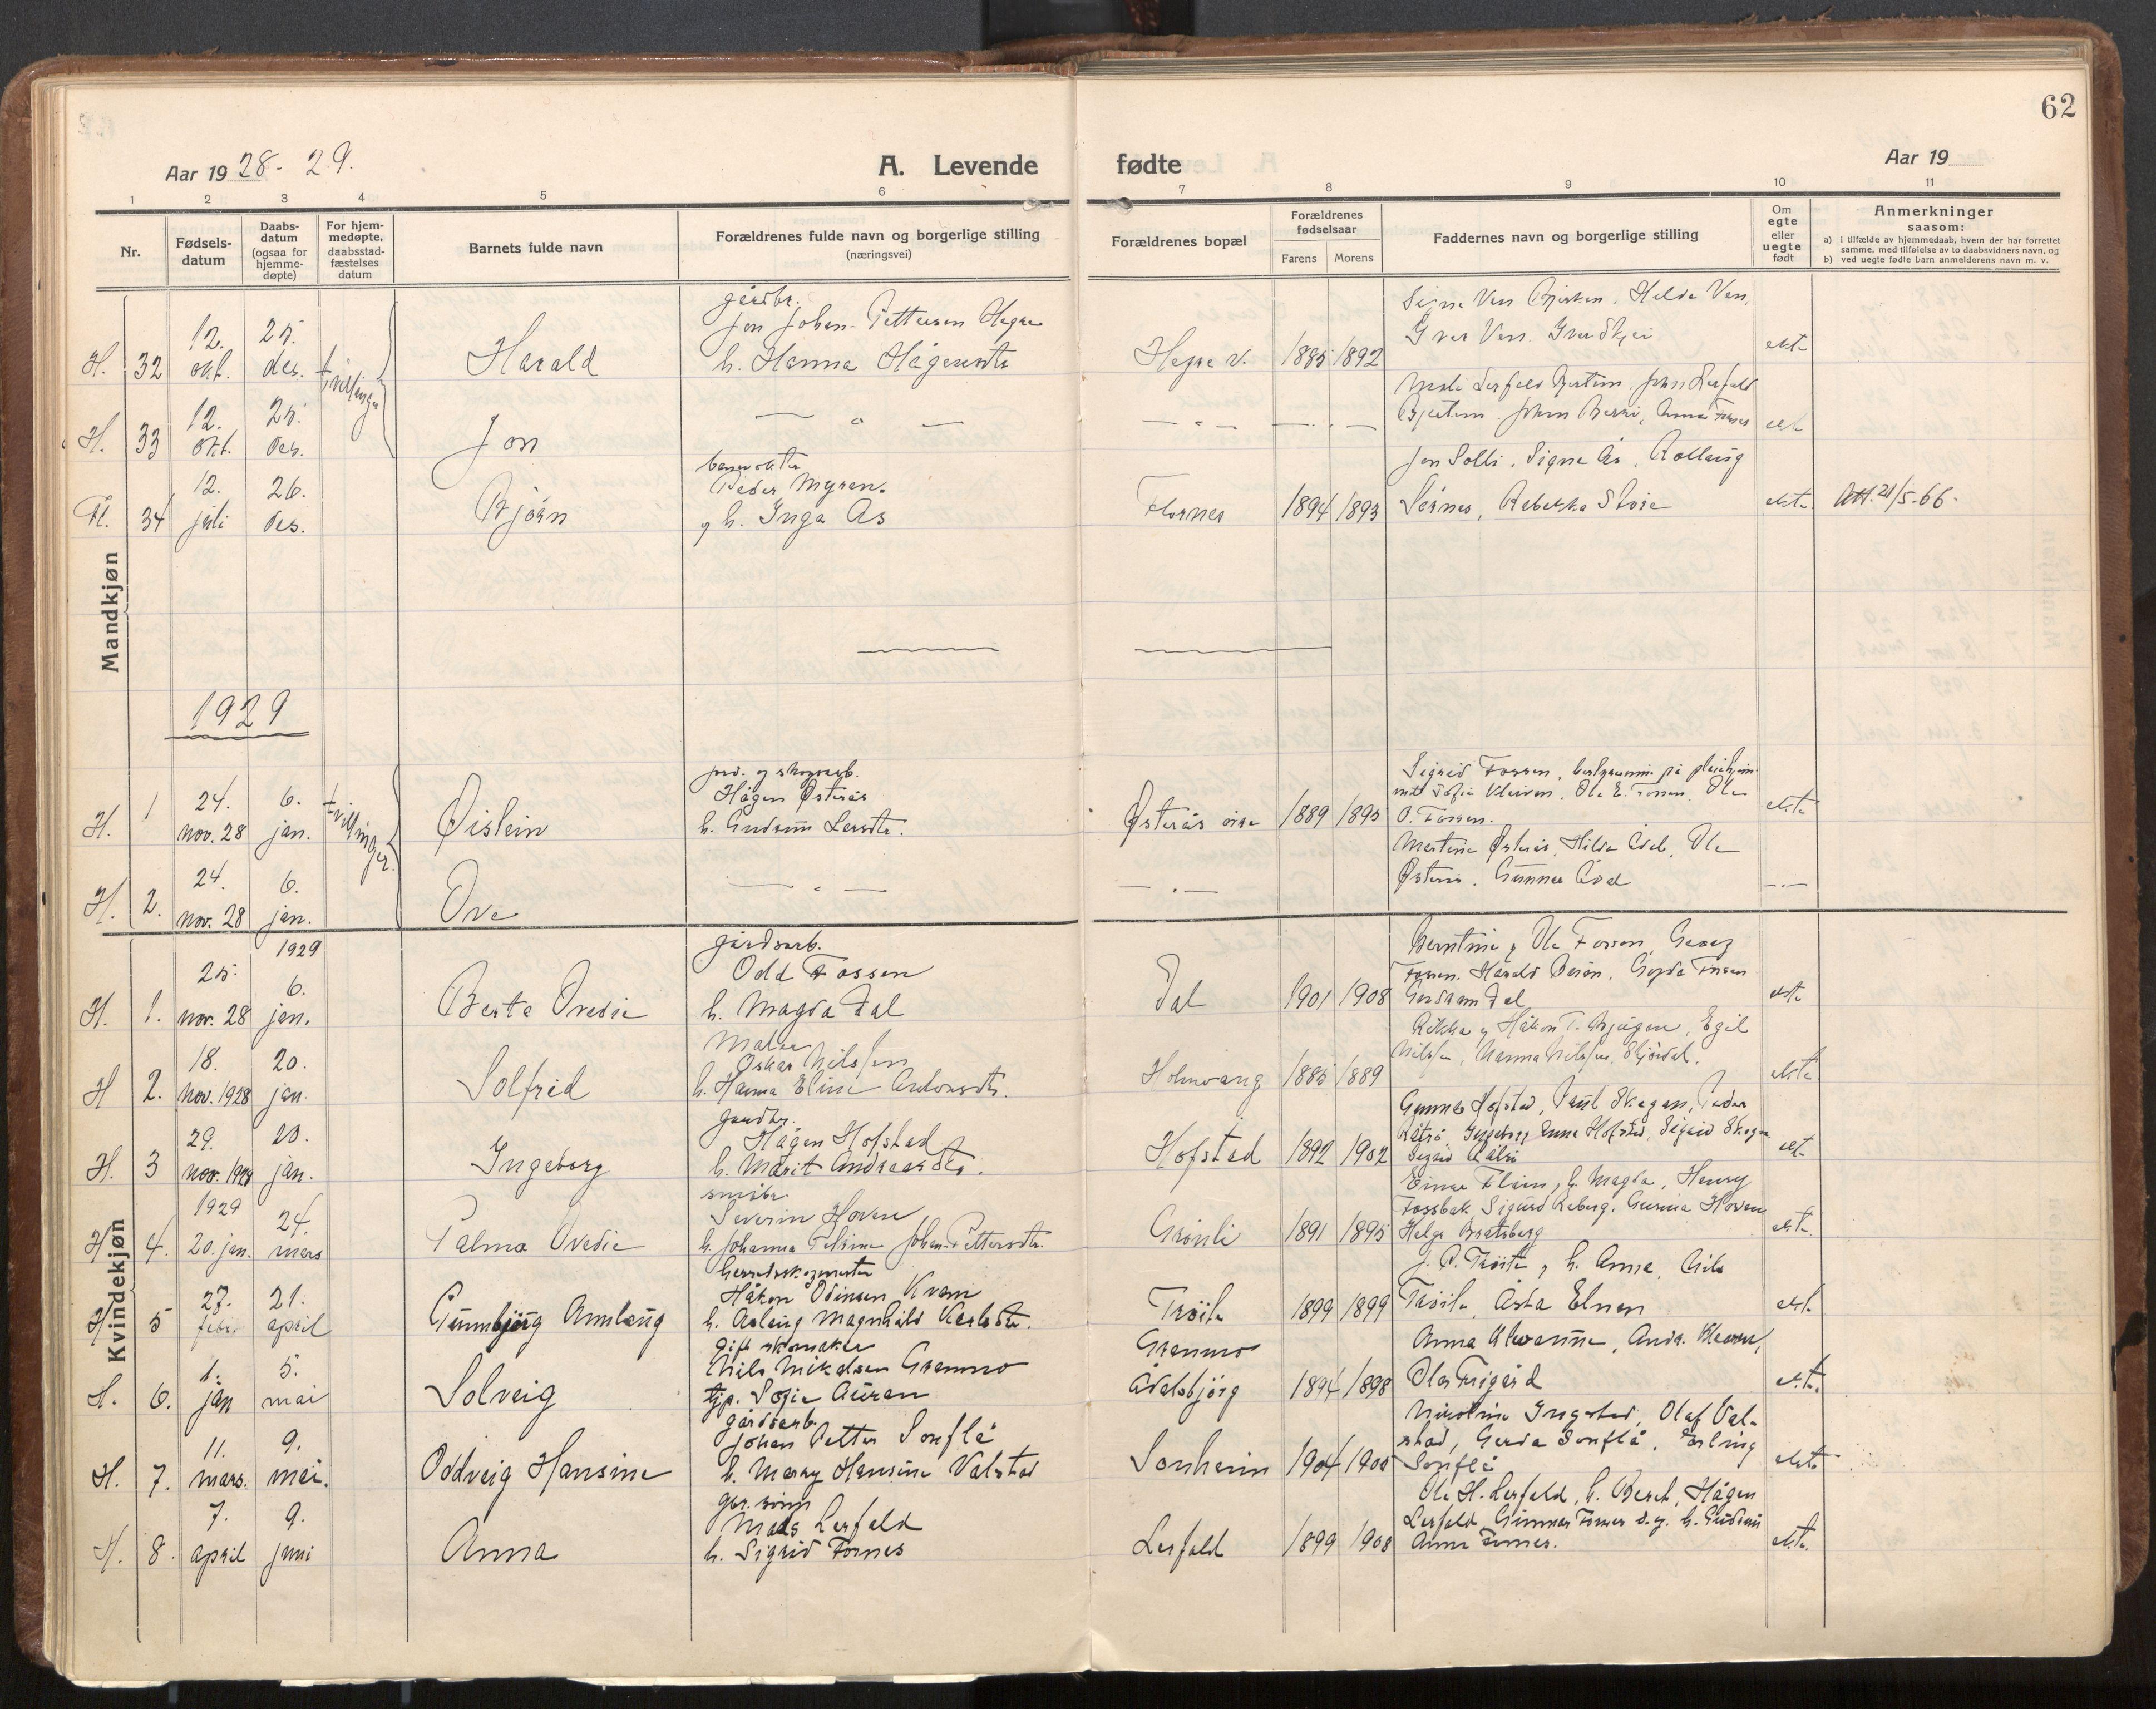 SAT, Ministerialprotokoller, klokkerbøker og fødselsregistre - Nord-Trøndelag, 703/L0037: Parish register (official) no. 703A10, 1915-1932, p. 62